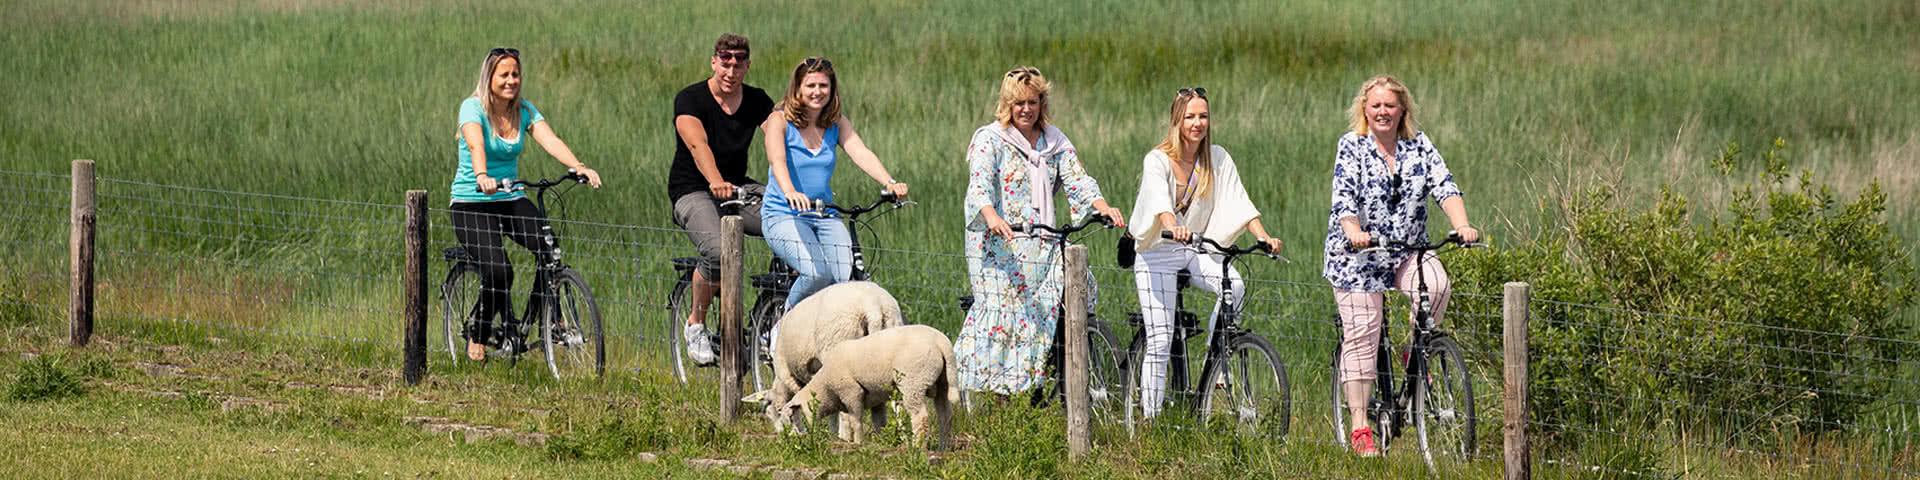 Eine Gruppe macht eine Radtour entlang am Deich und fährt dabei an zwei Schafen vorbei